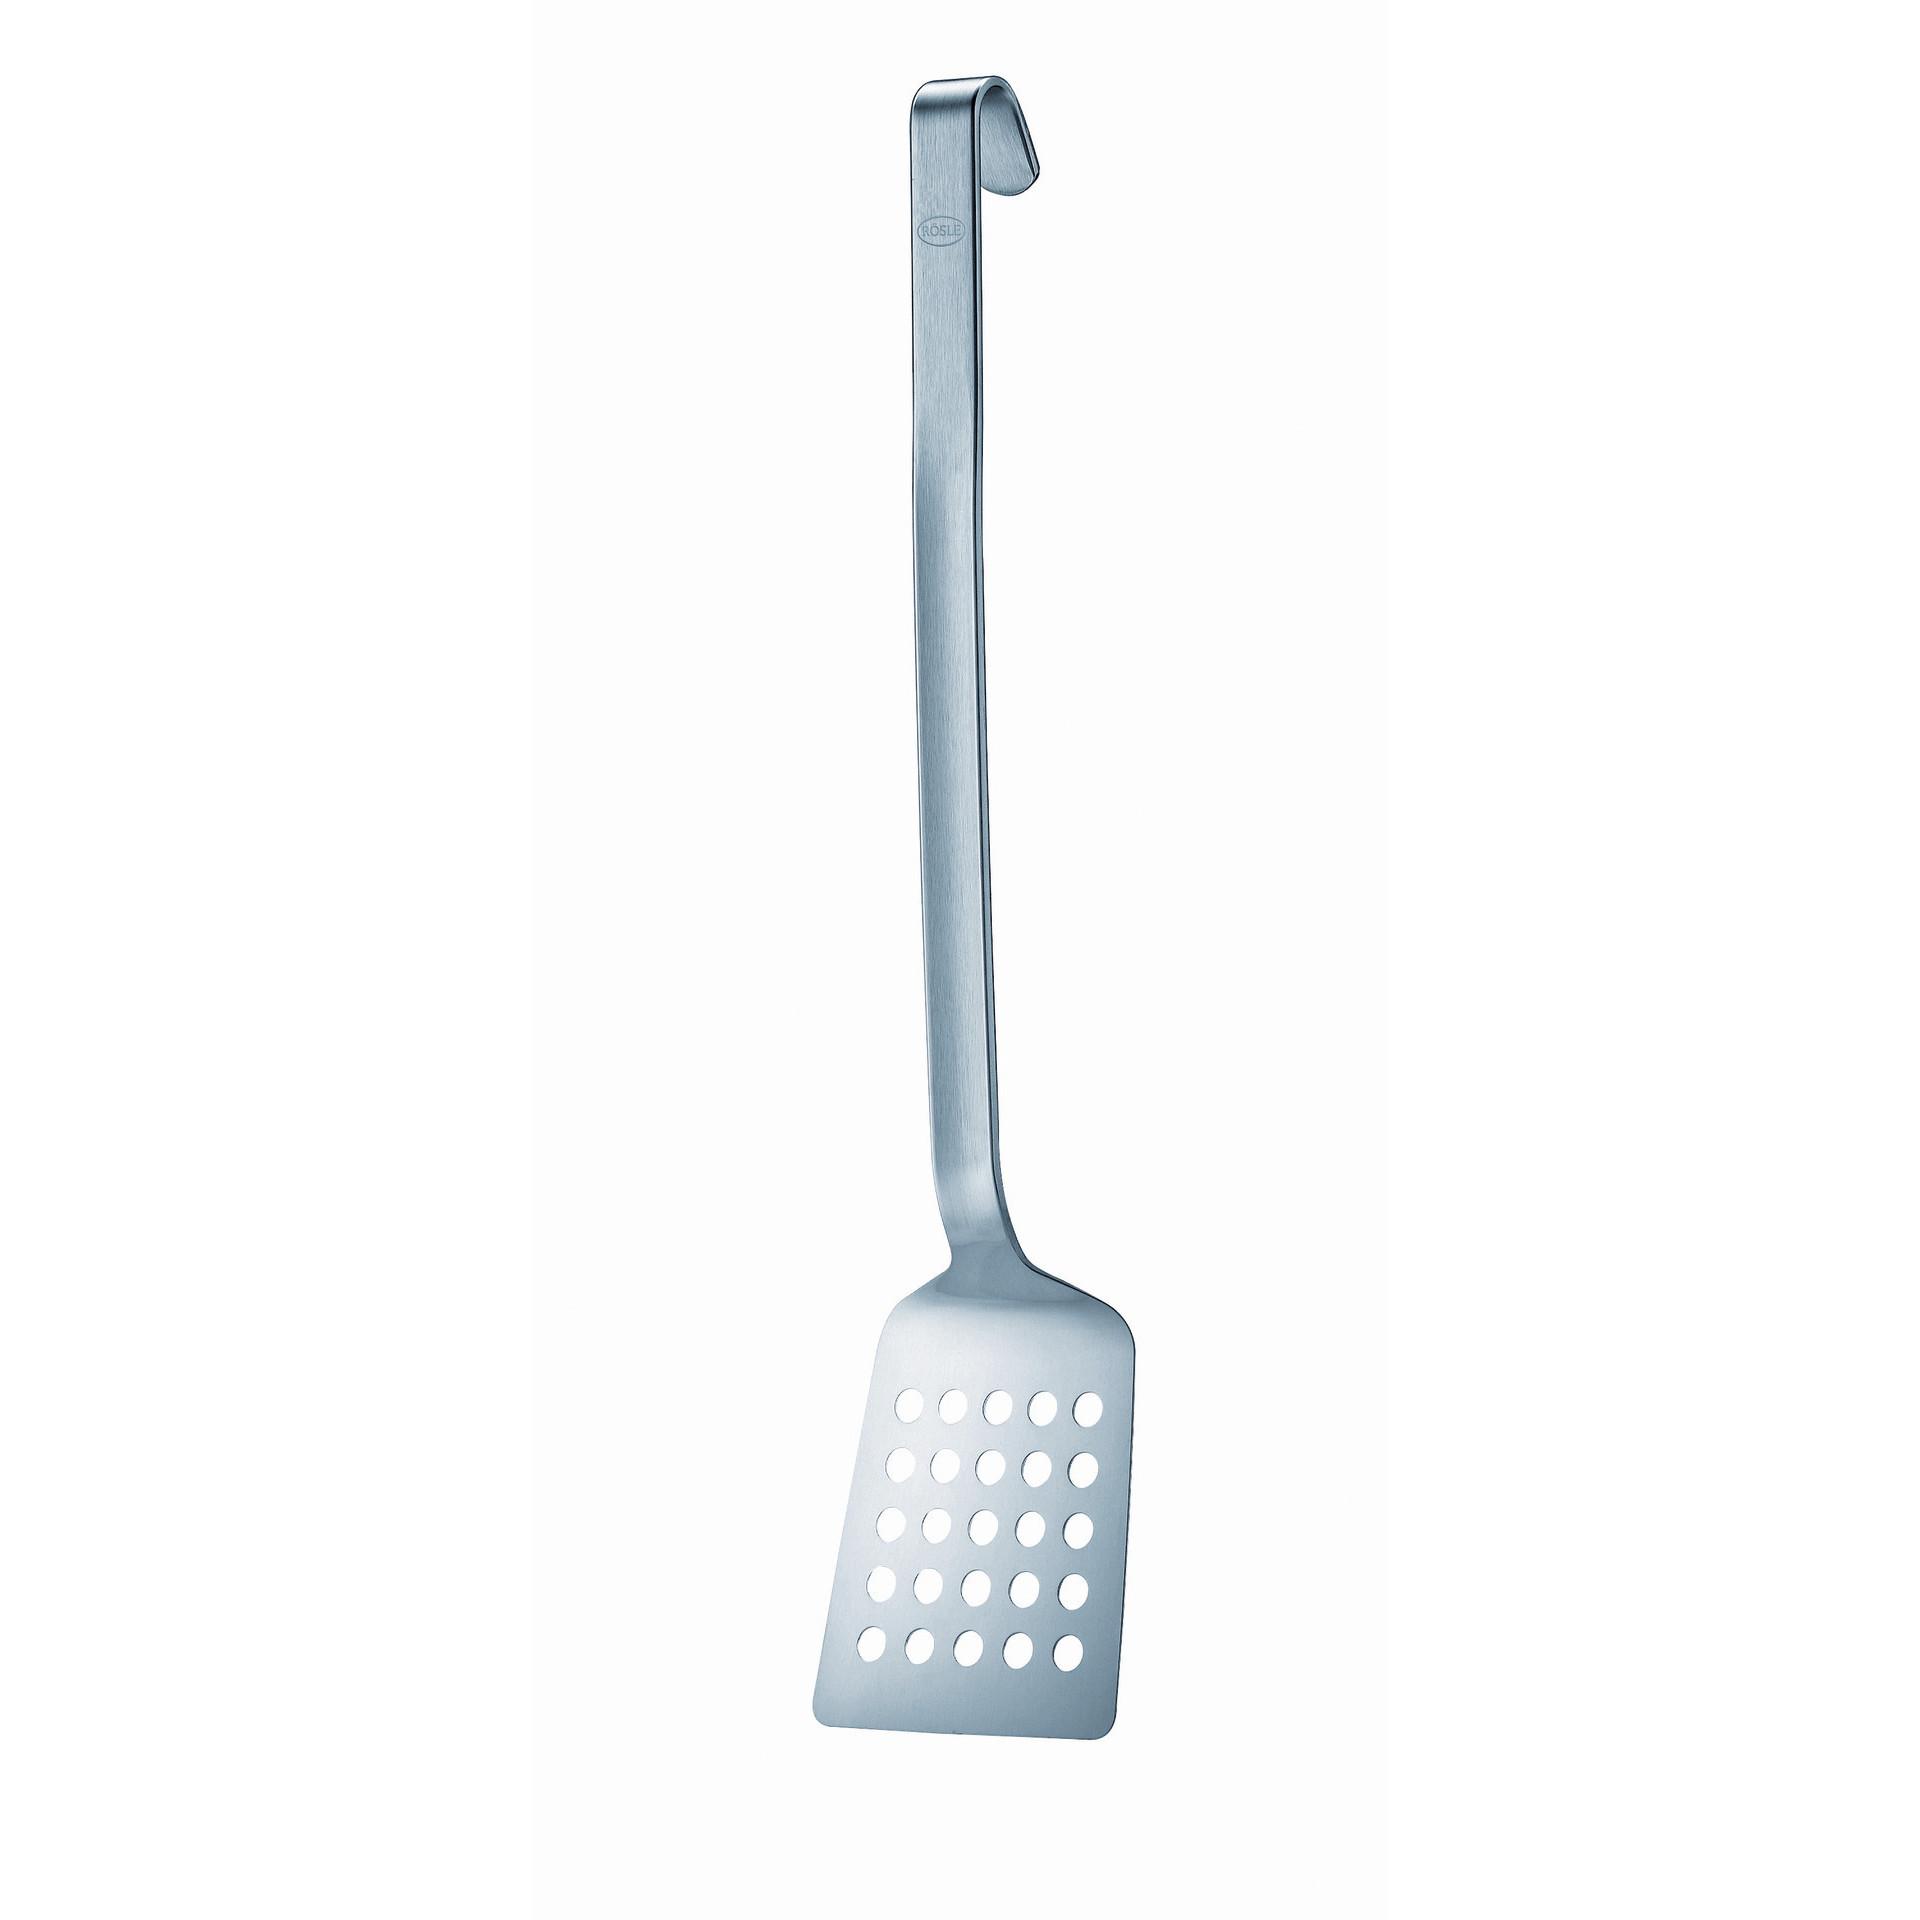 Gastro-Pfannenschaufel gelocht extra stabil 490 mm